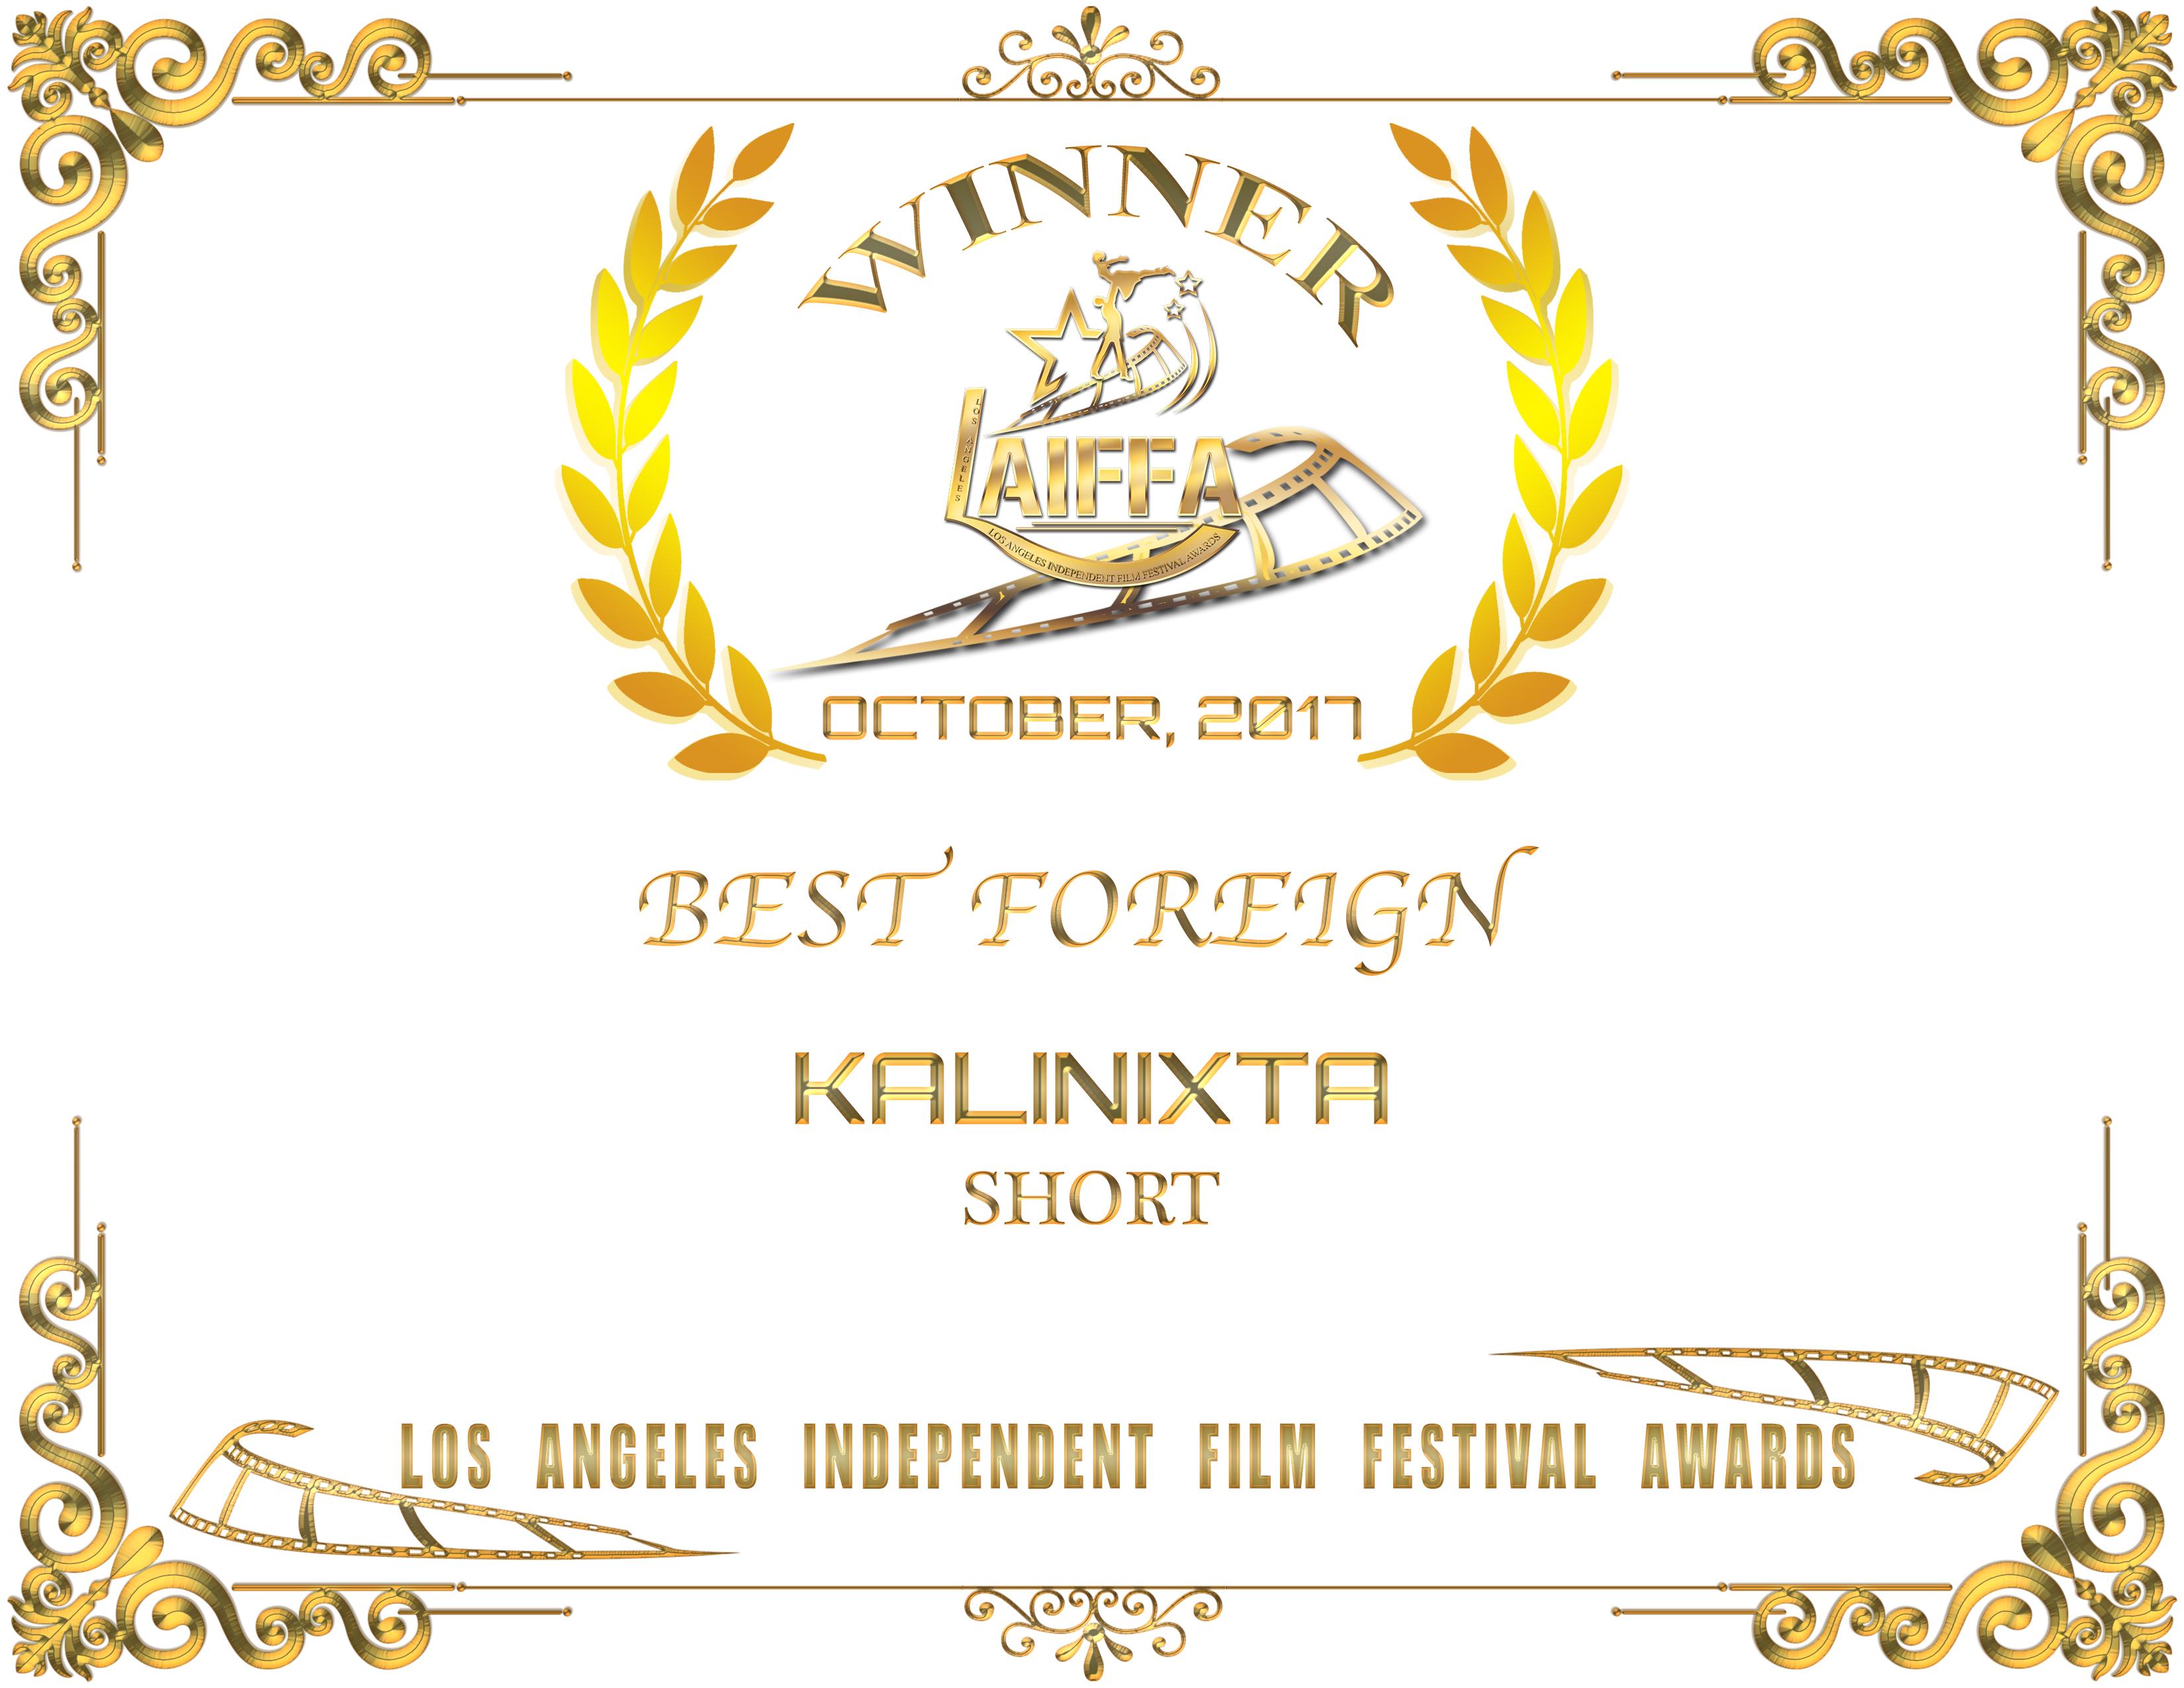 Best Foreign Short